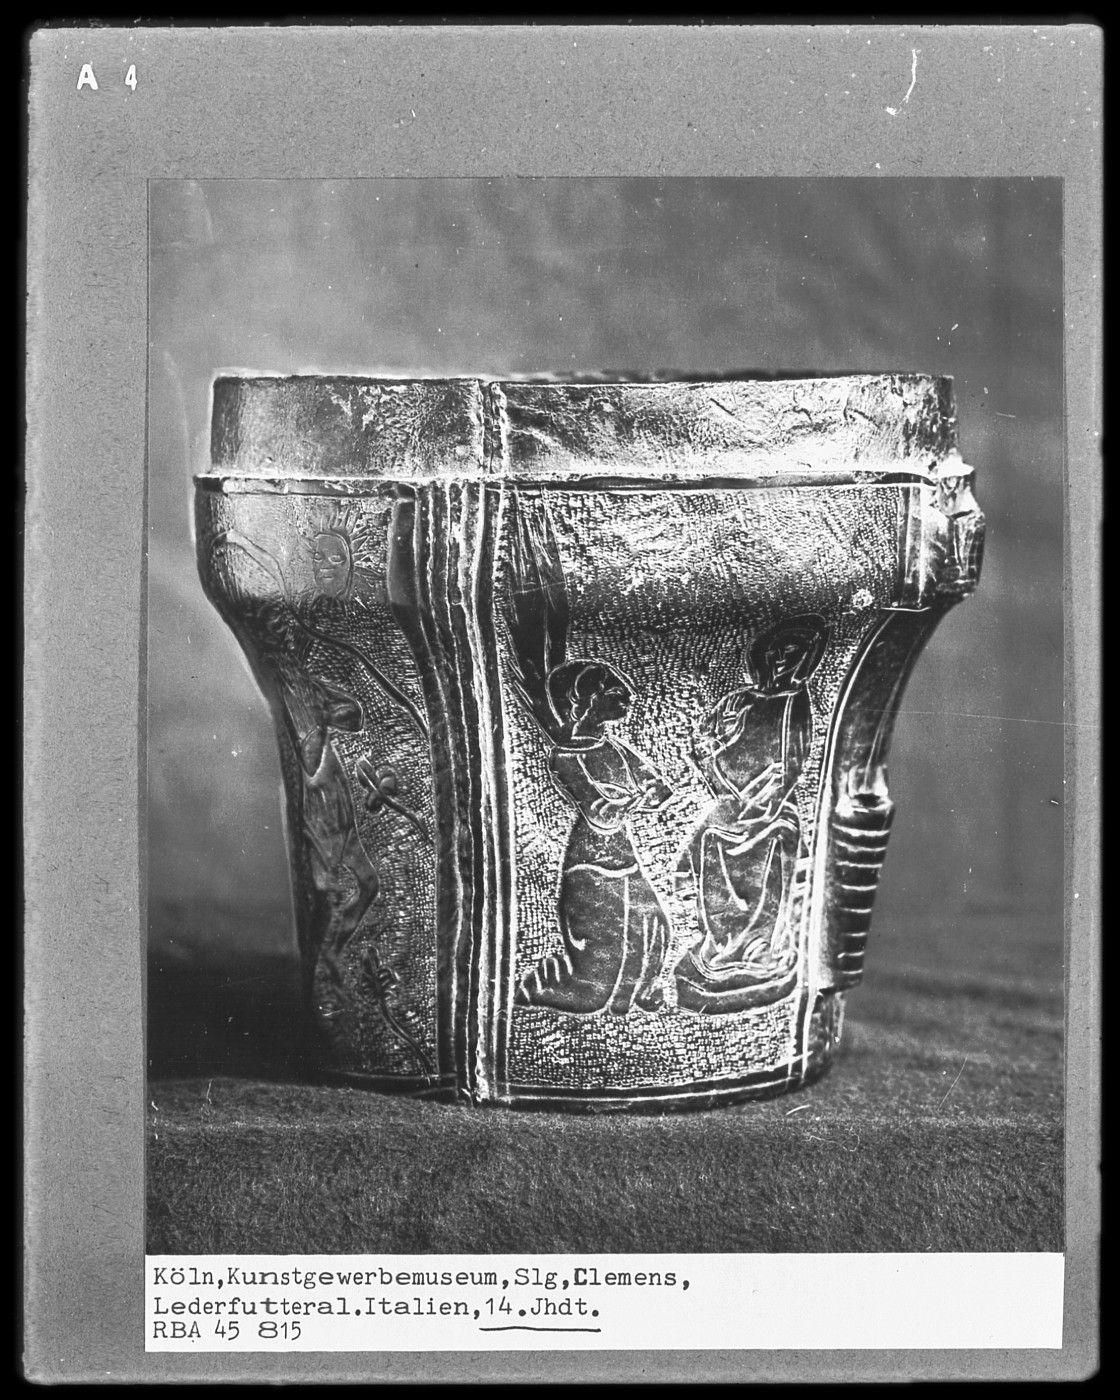 http://www.bildindex.de/bilder/MI01695a04a.jpg Case, 14th century Italy